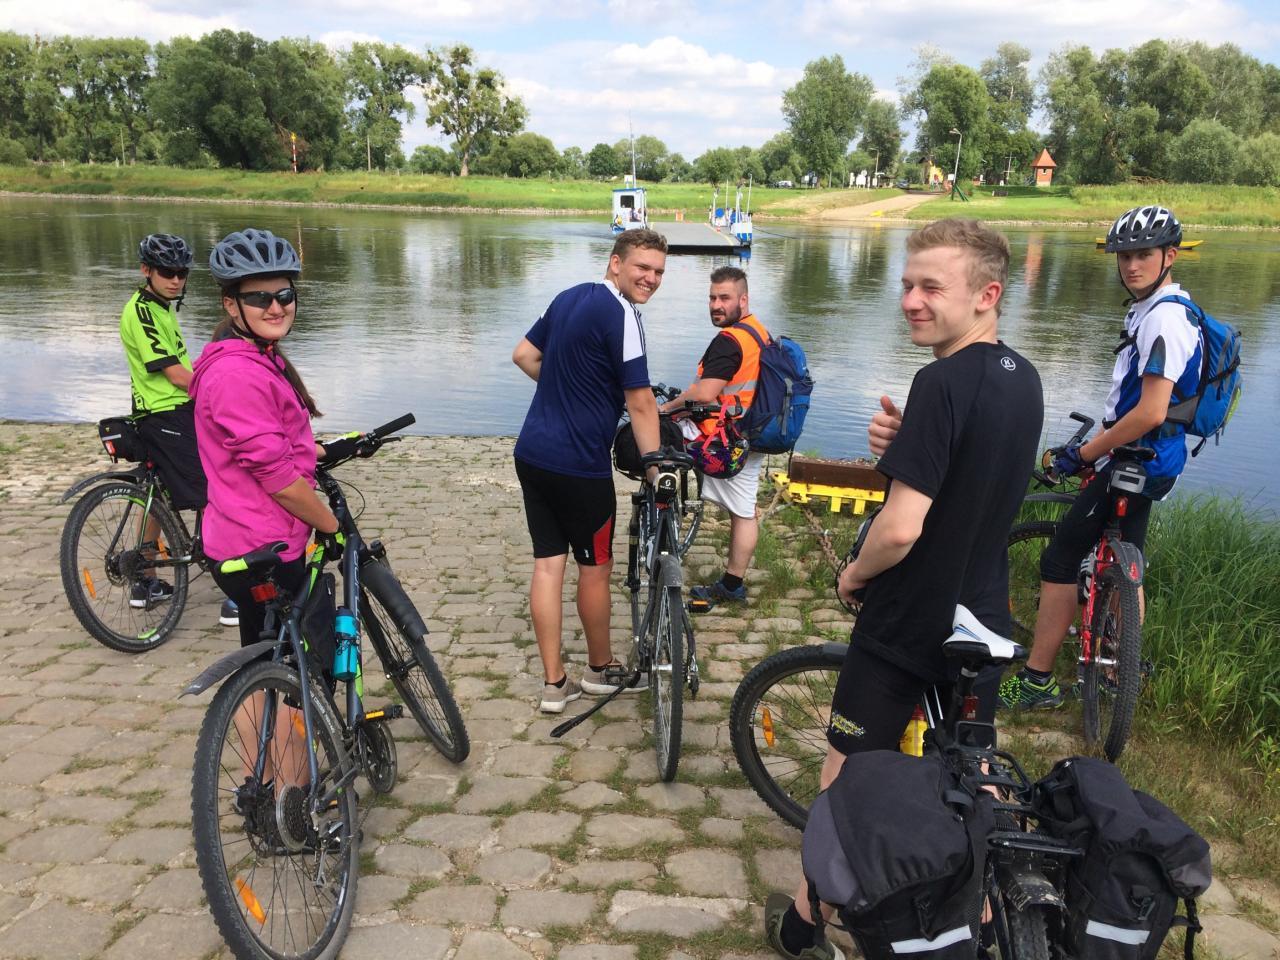 Zapojte se do mládežnické cyklotour 1